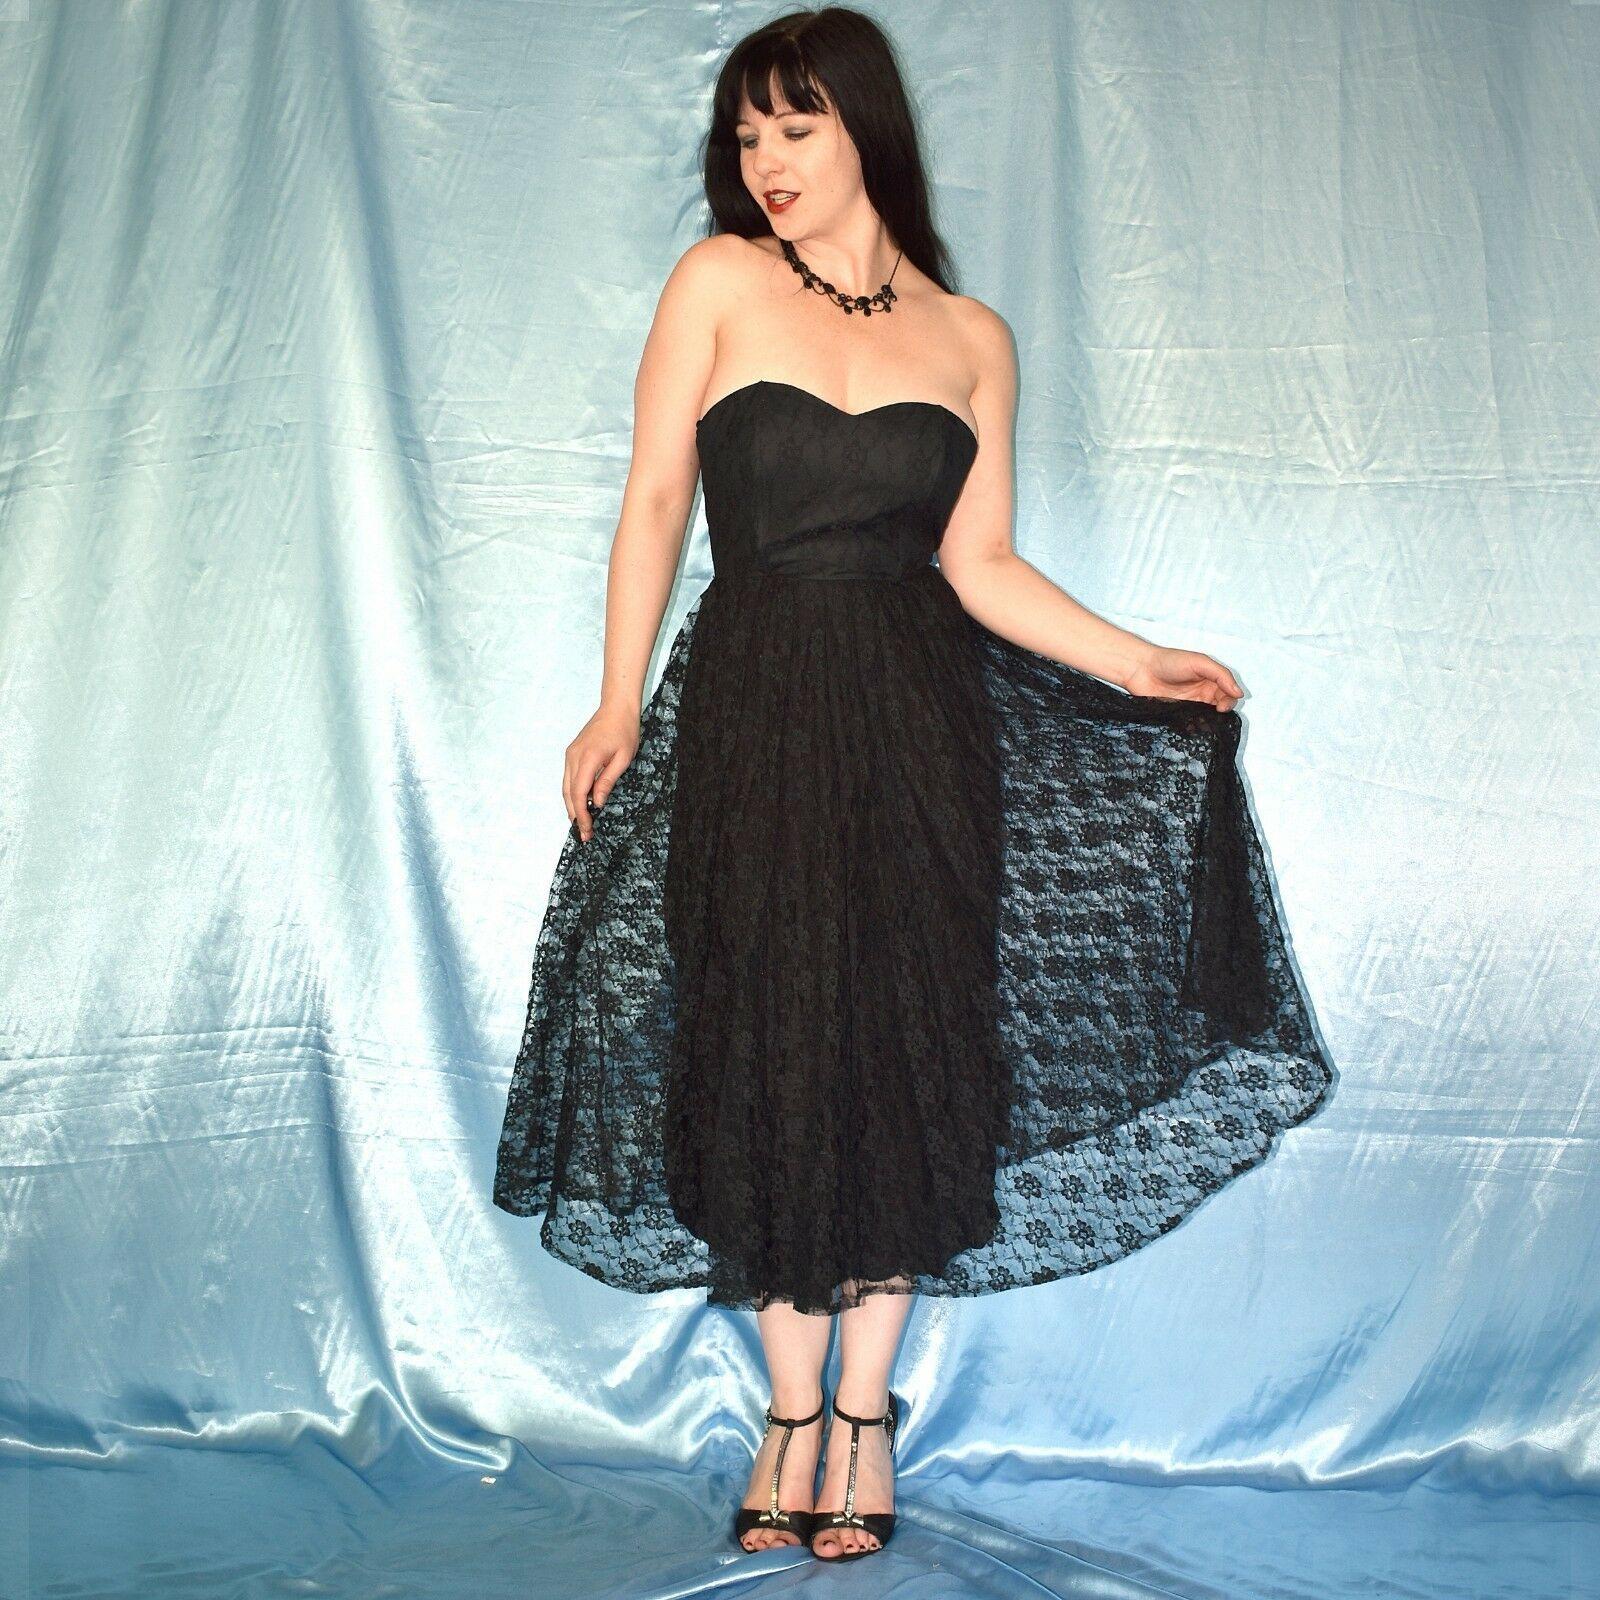 Designer Luxurius Abendkleider Xs Design13 Leicht Abendkleider Xs Galerie